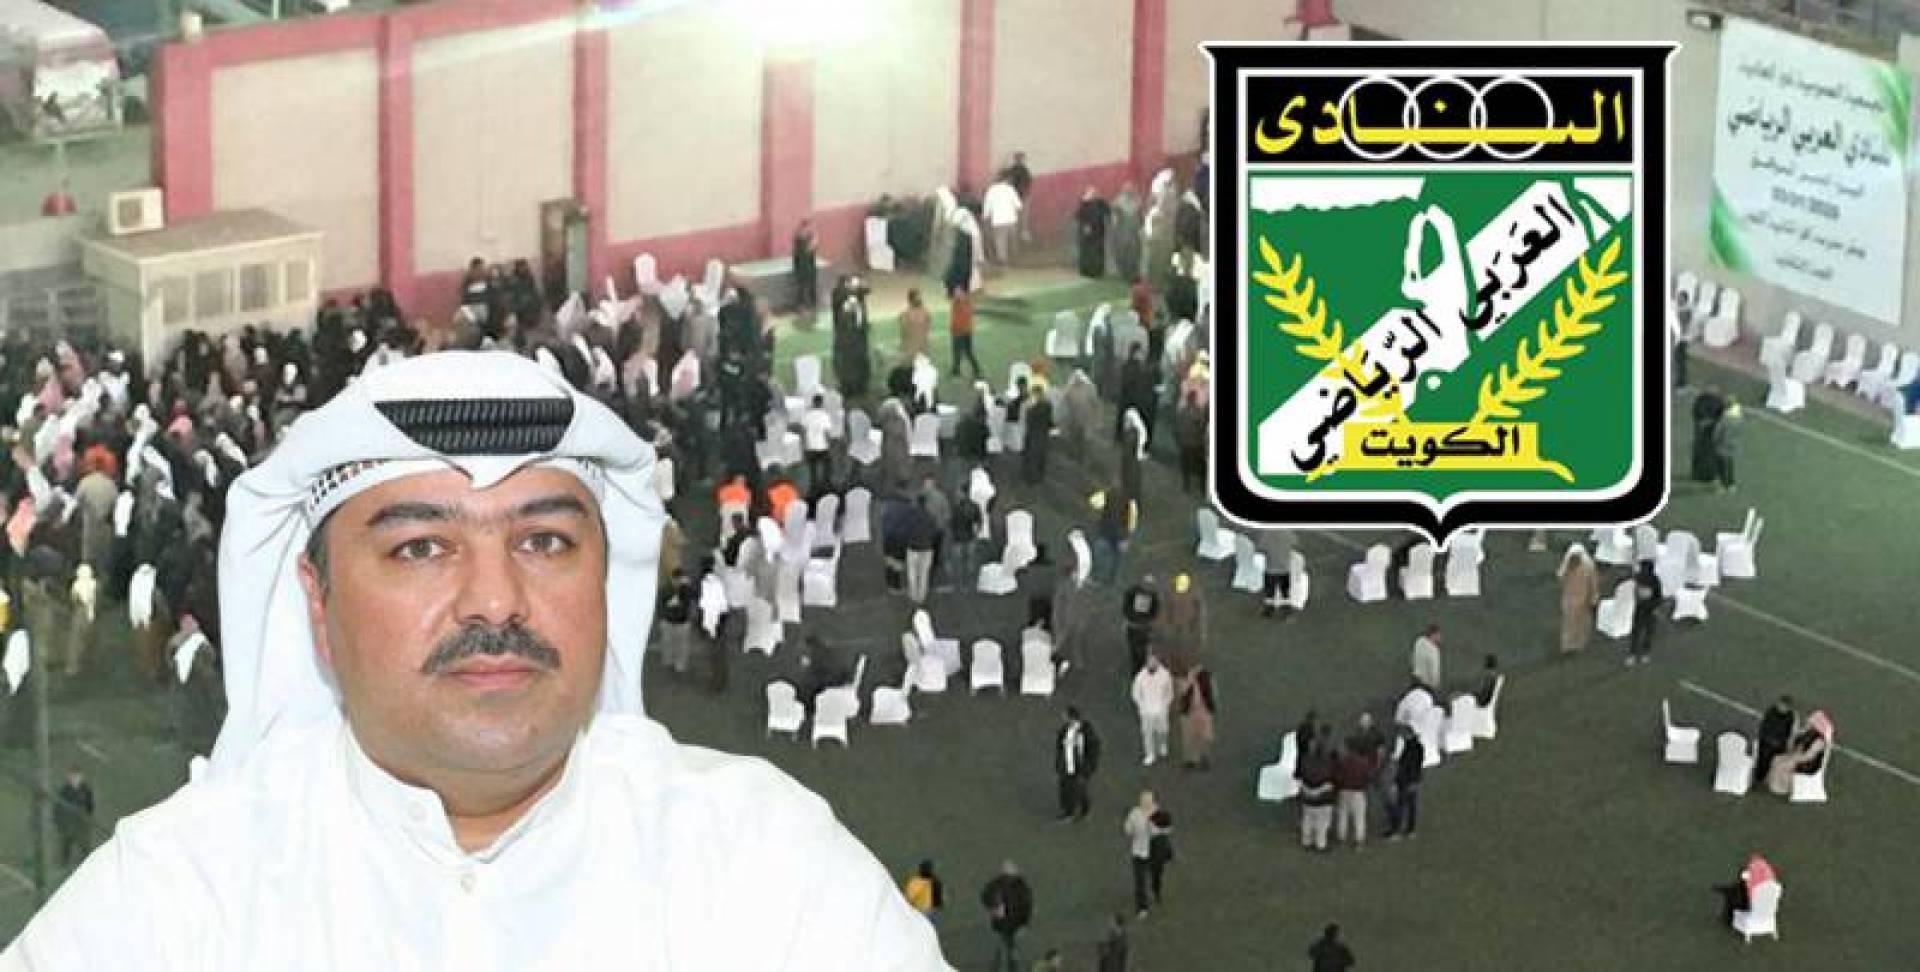 عمومية النادي العربي تُسقط عضوية عبد العزيز عاشور.. و 5 من أعضاء مجلس الإدارة